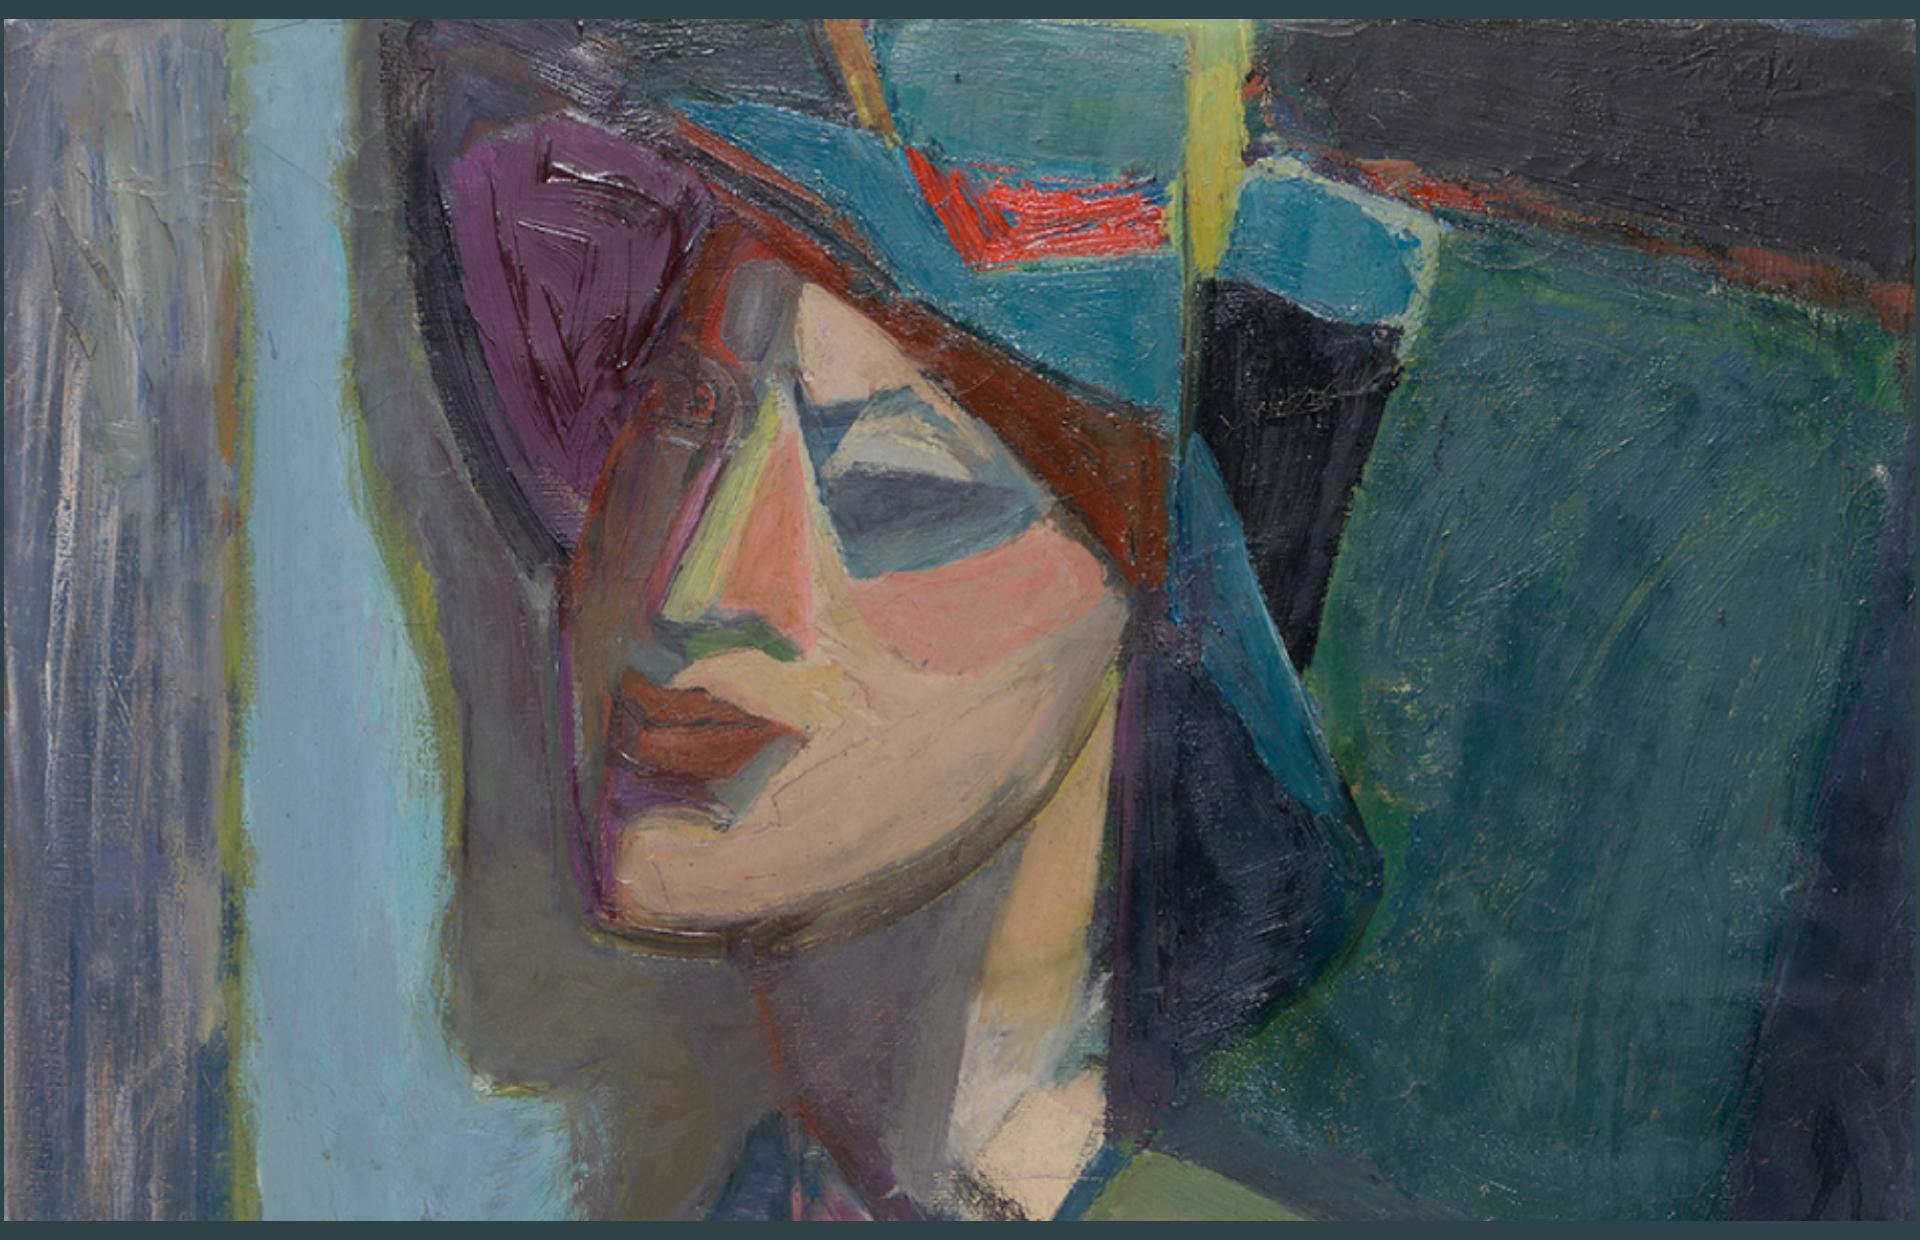 Ελένη Σταθοπούλου: Αναδρομική Έκθεση- Η Γεωμετρία των Χρωμάτων